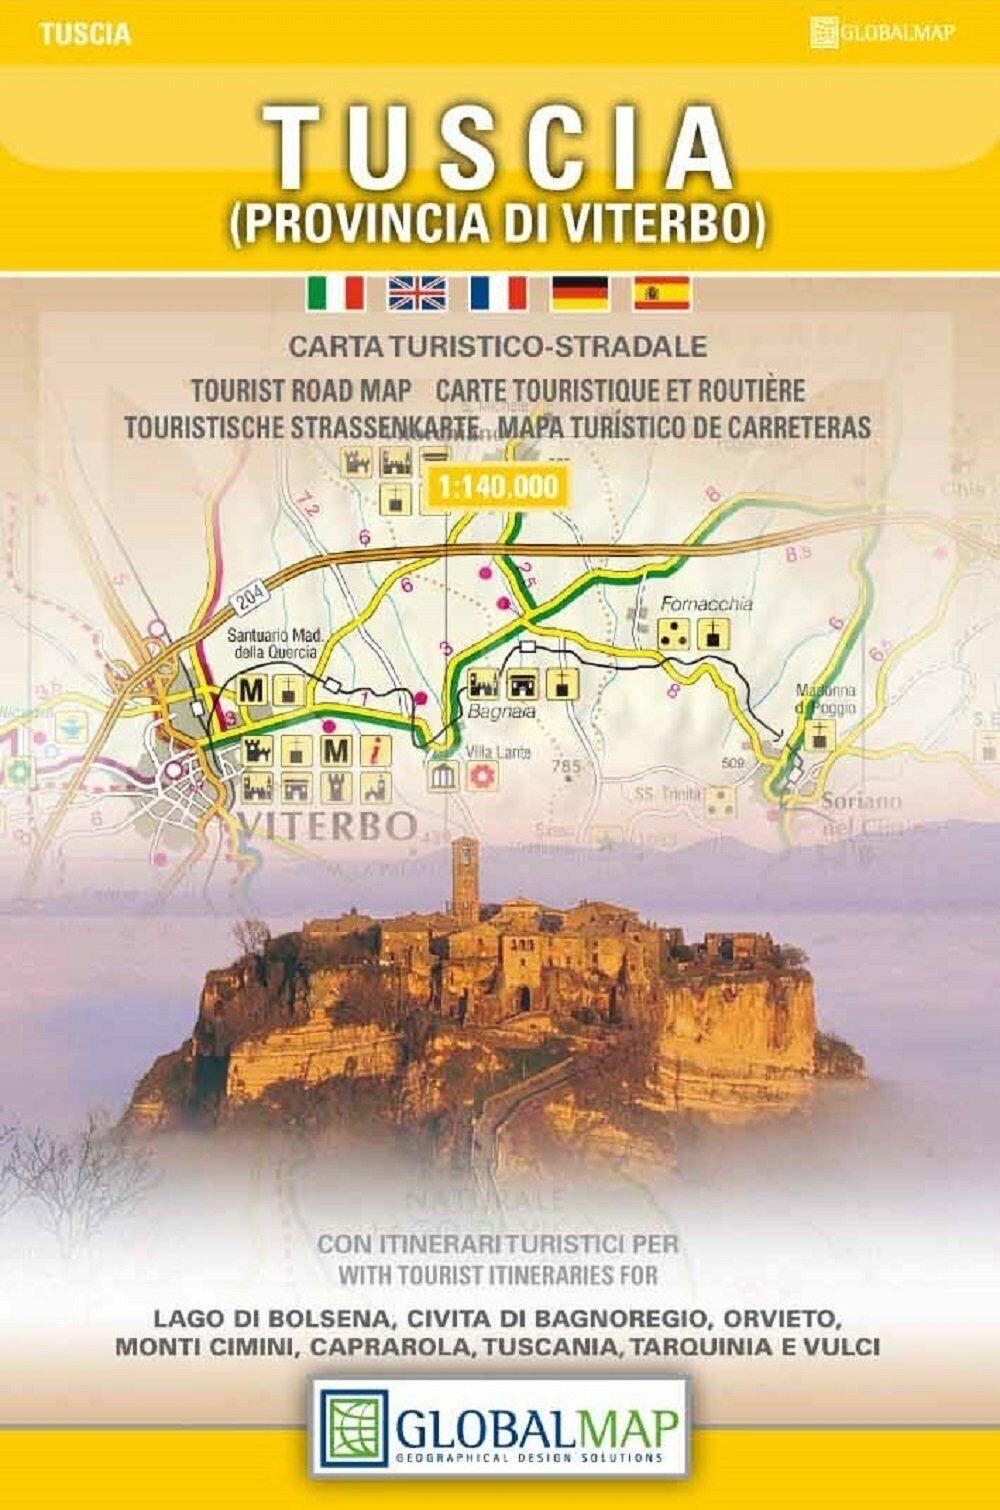 Cartina Geografica Di Viterbo E Provincia.Tuscia Prov Di Viterbo Carta Turistico Stradale Cartina Mappa Global Map Ebay